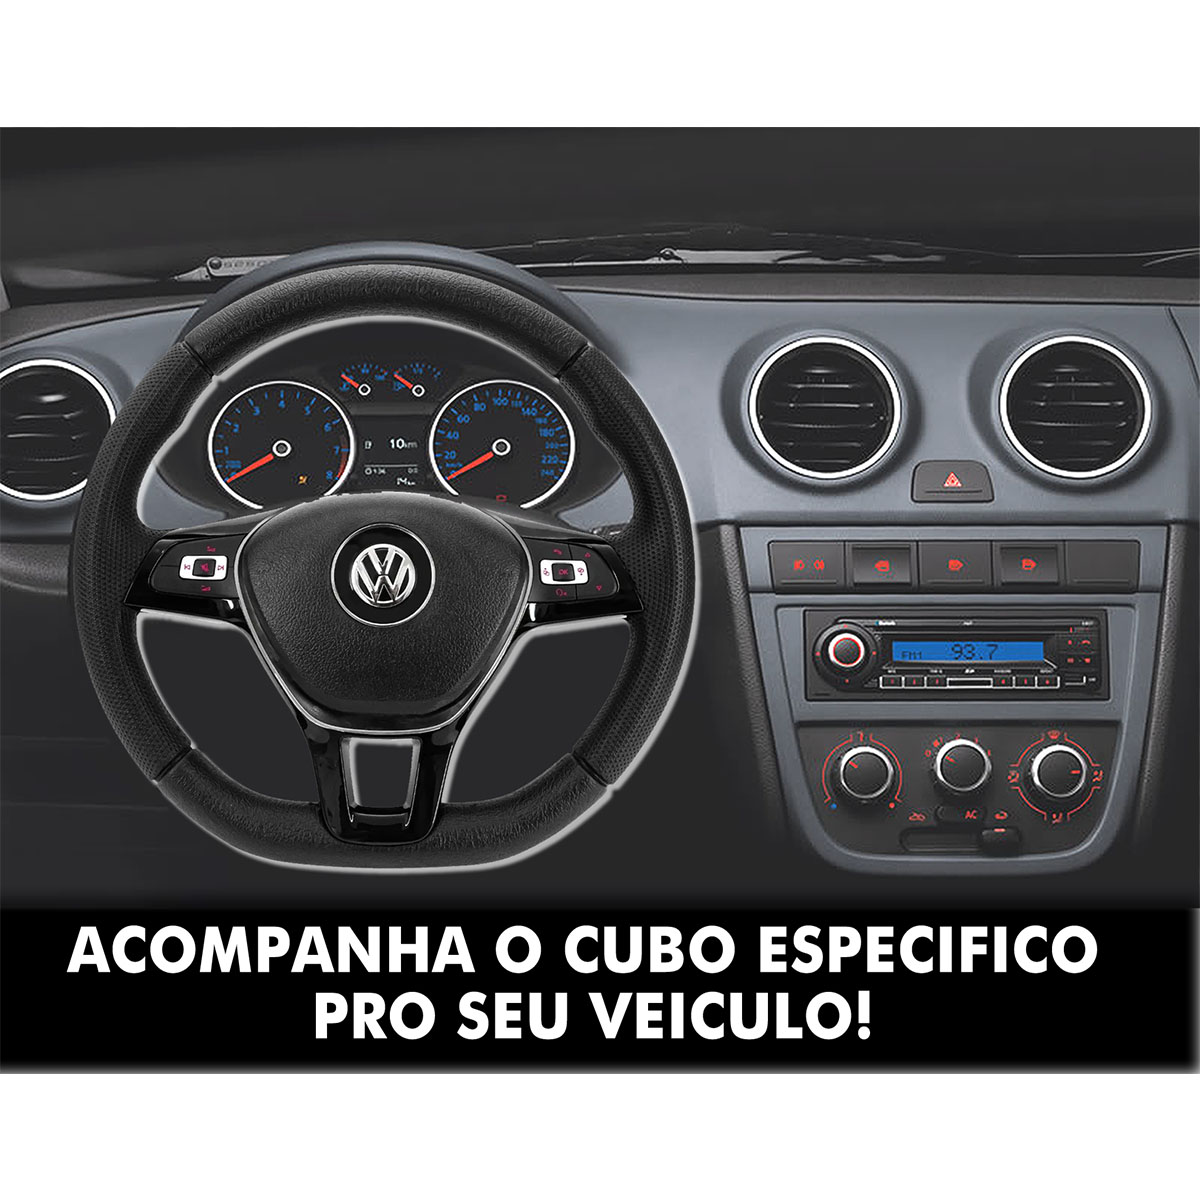 Volante Multifuncional Volkswagen G7 Esportivo Cubo Atacado Poliparts